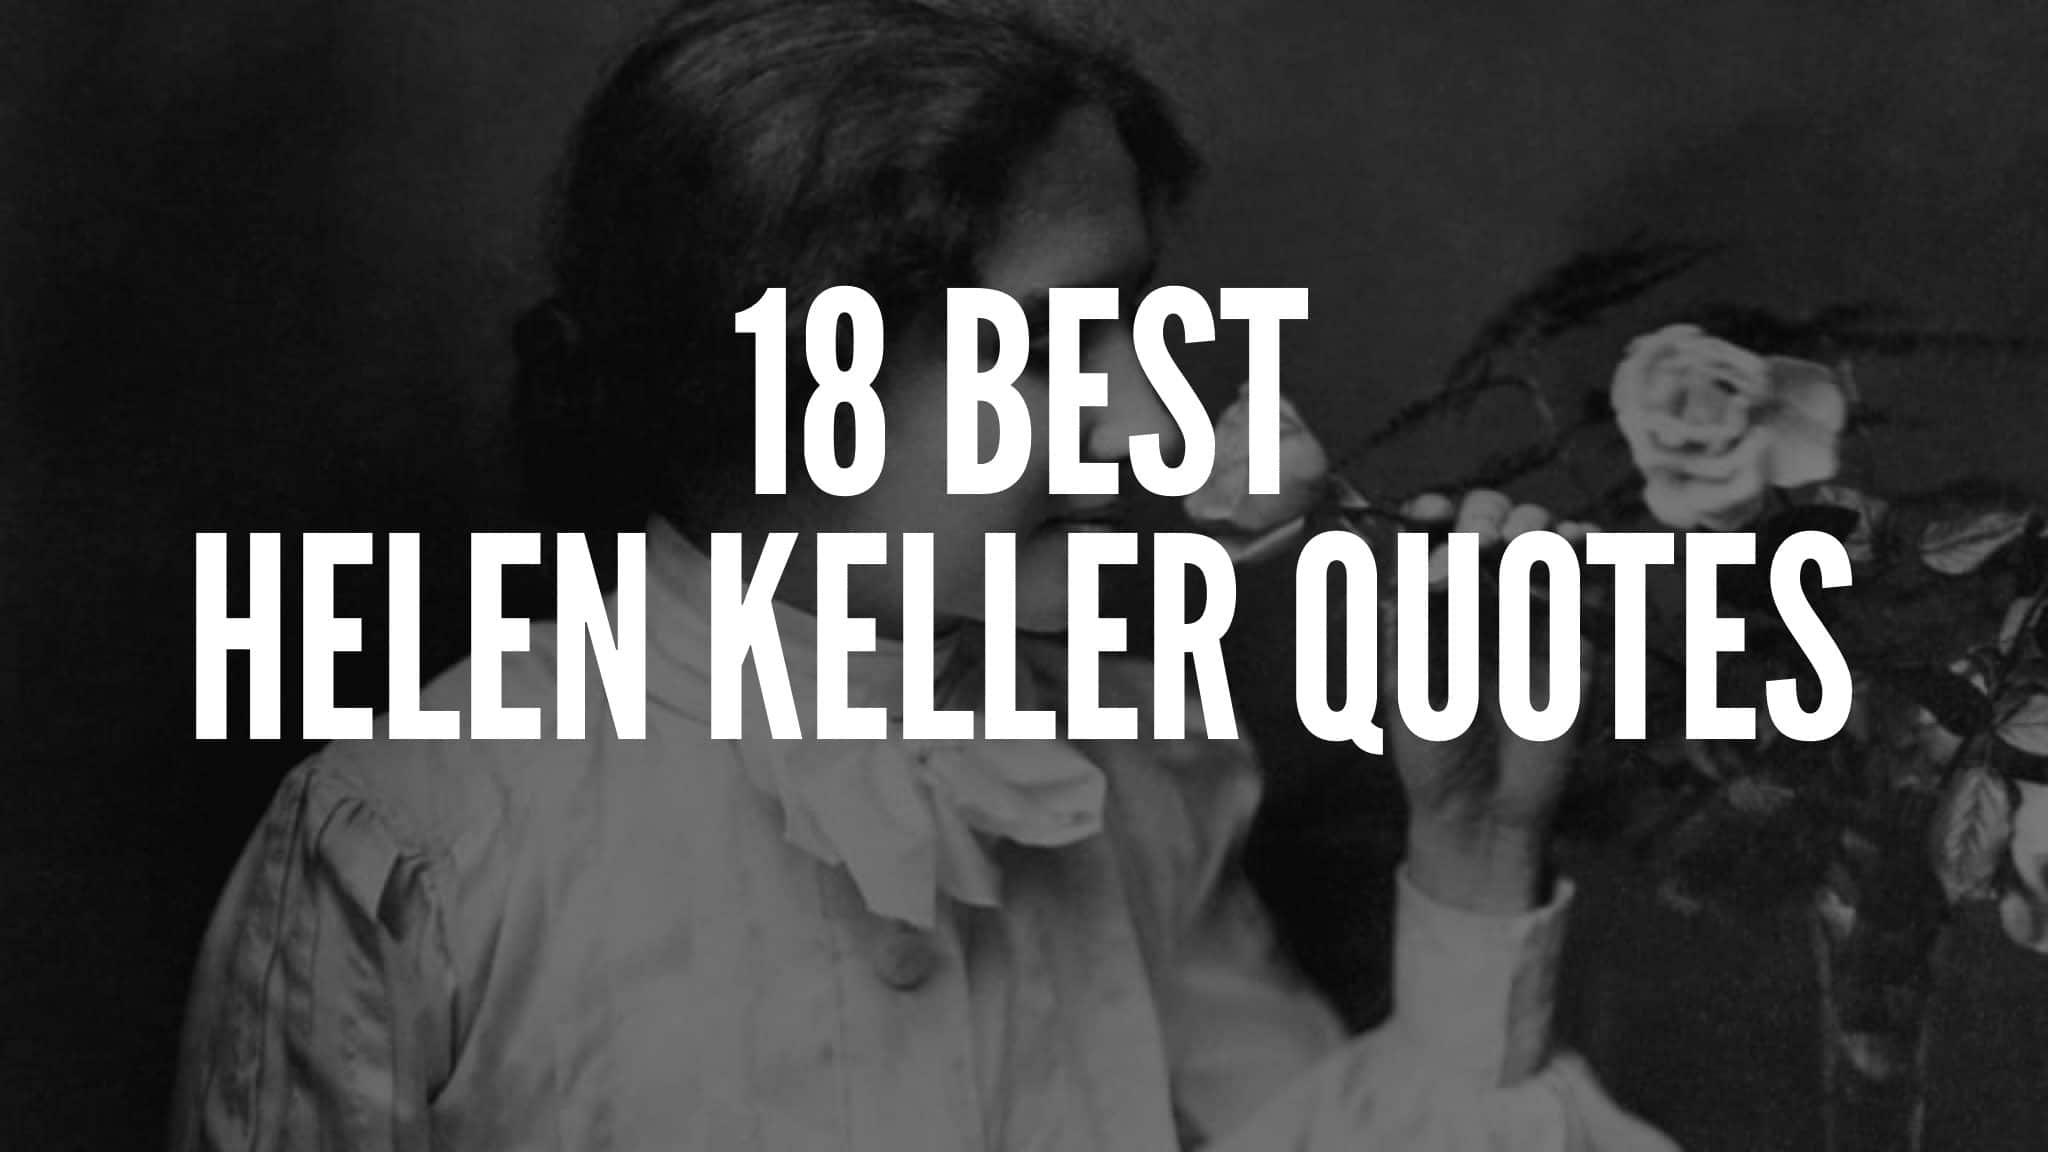 Best Helen Keller Quotes